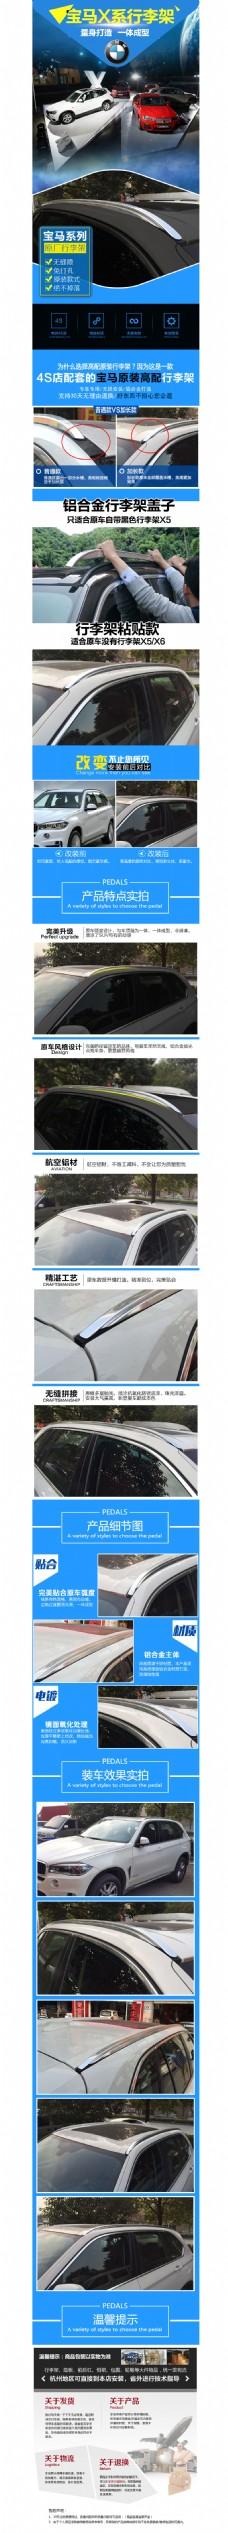 宝马X系行李架 淘宝详情页 汽车配件